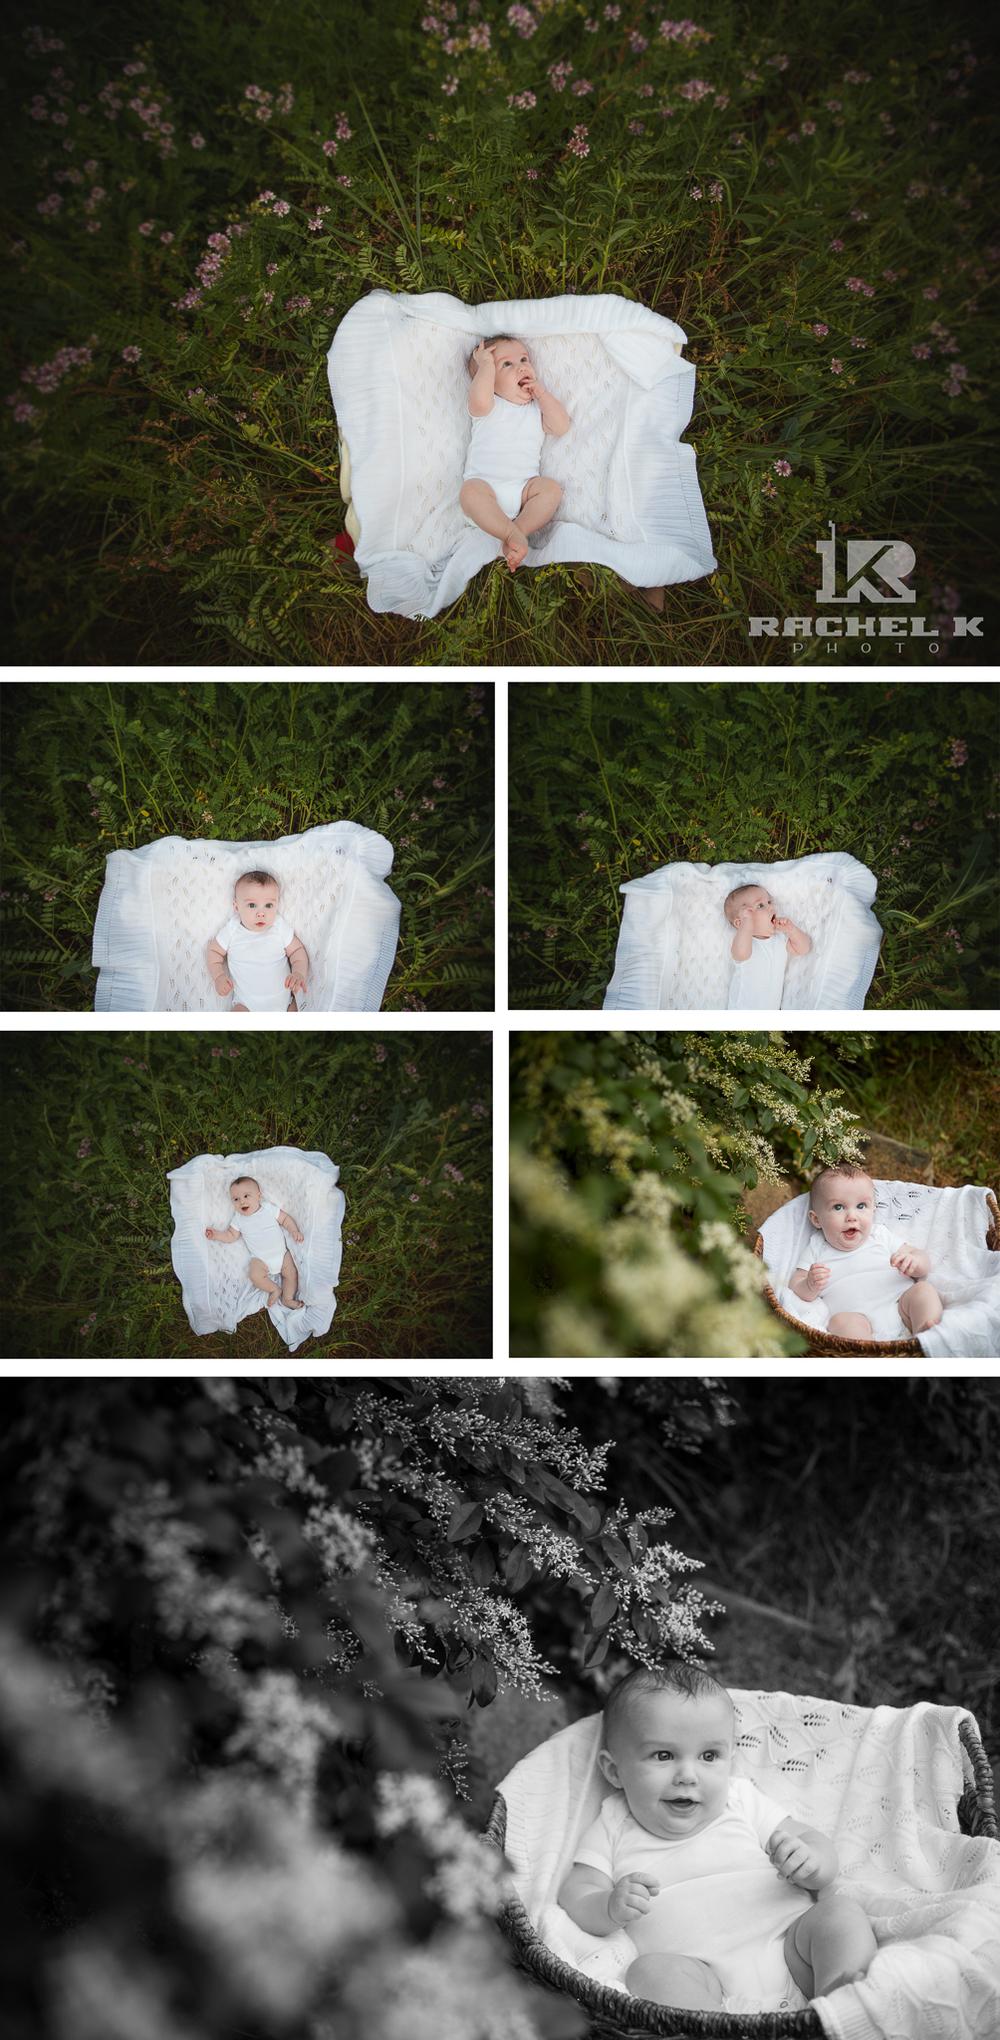 Rachelkphoto-1-5.jpg